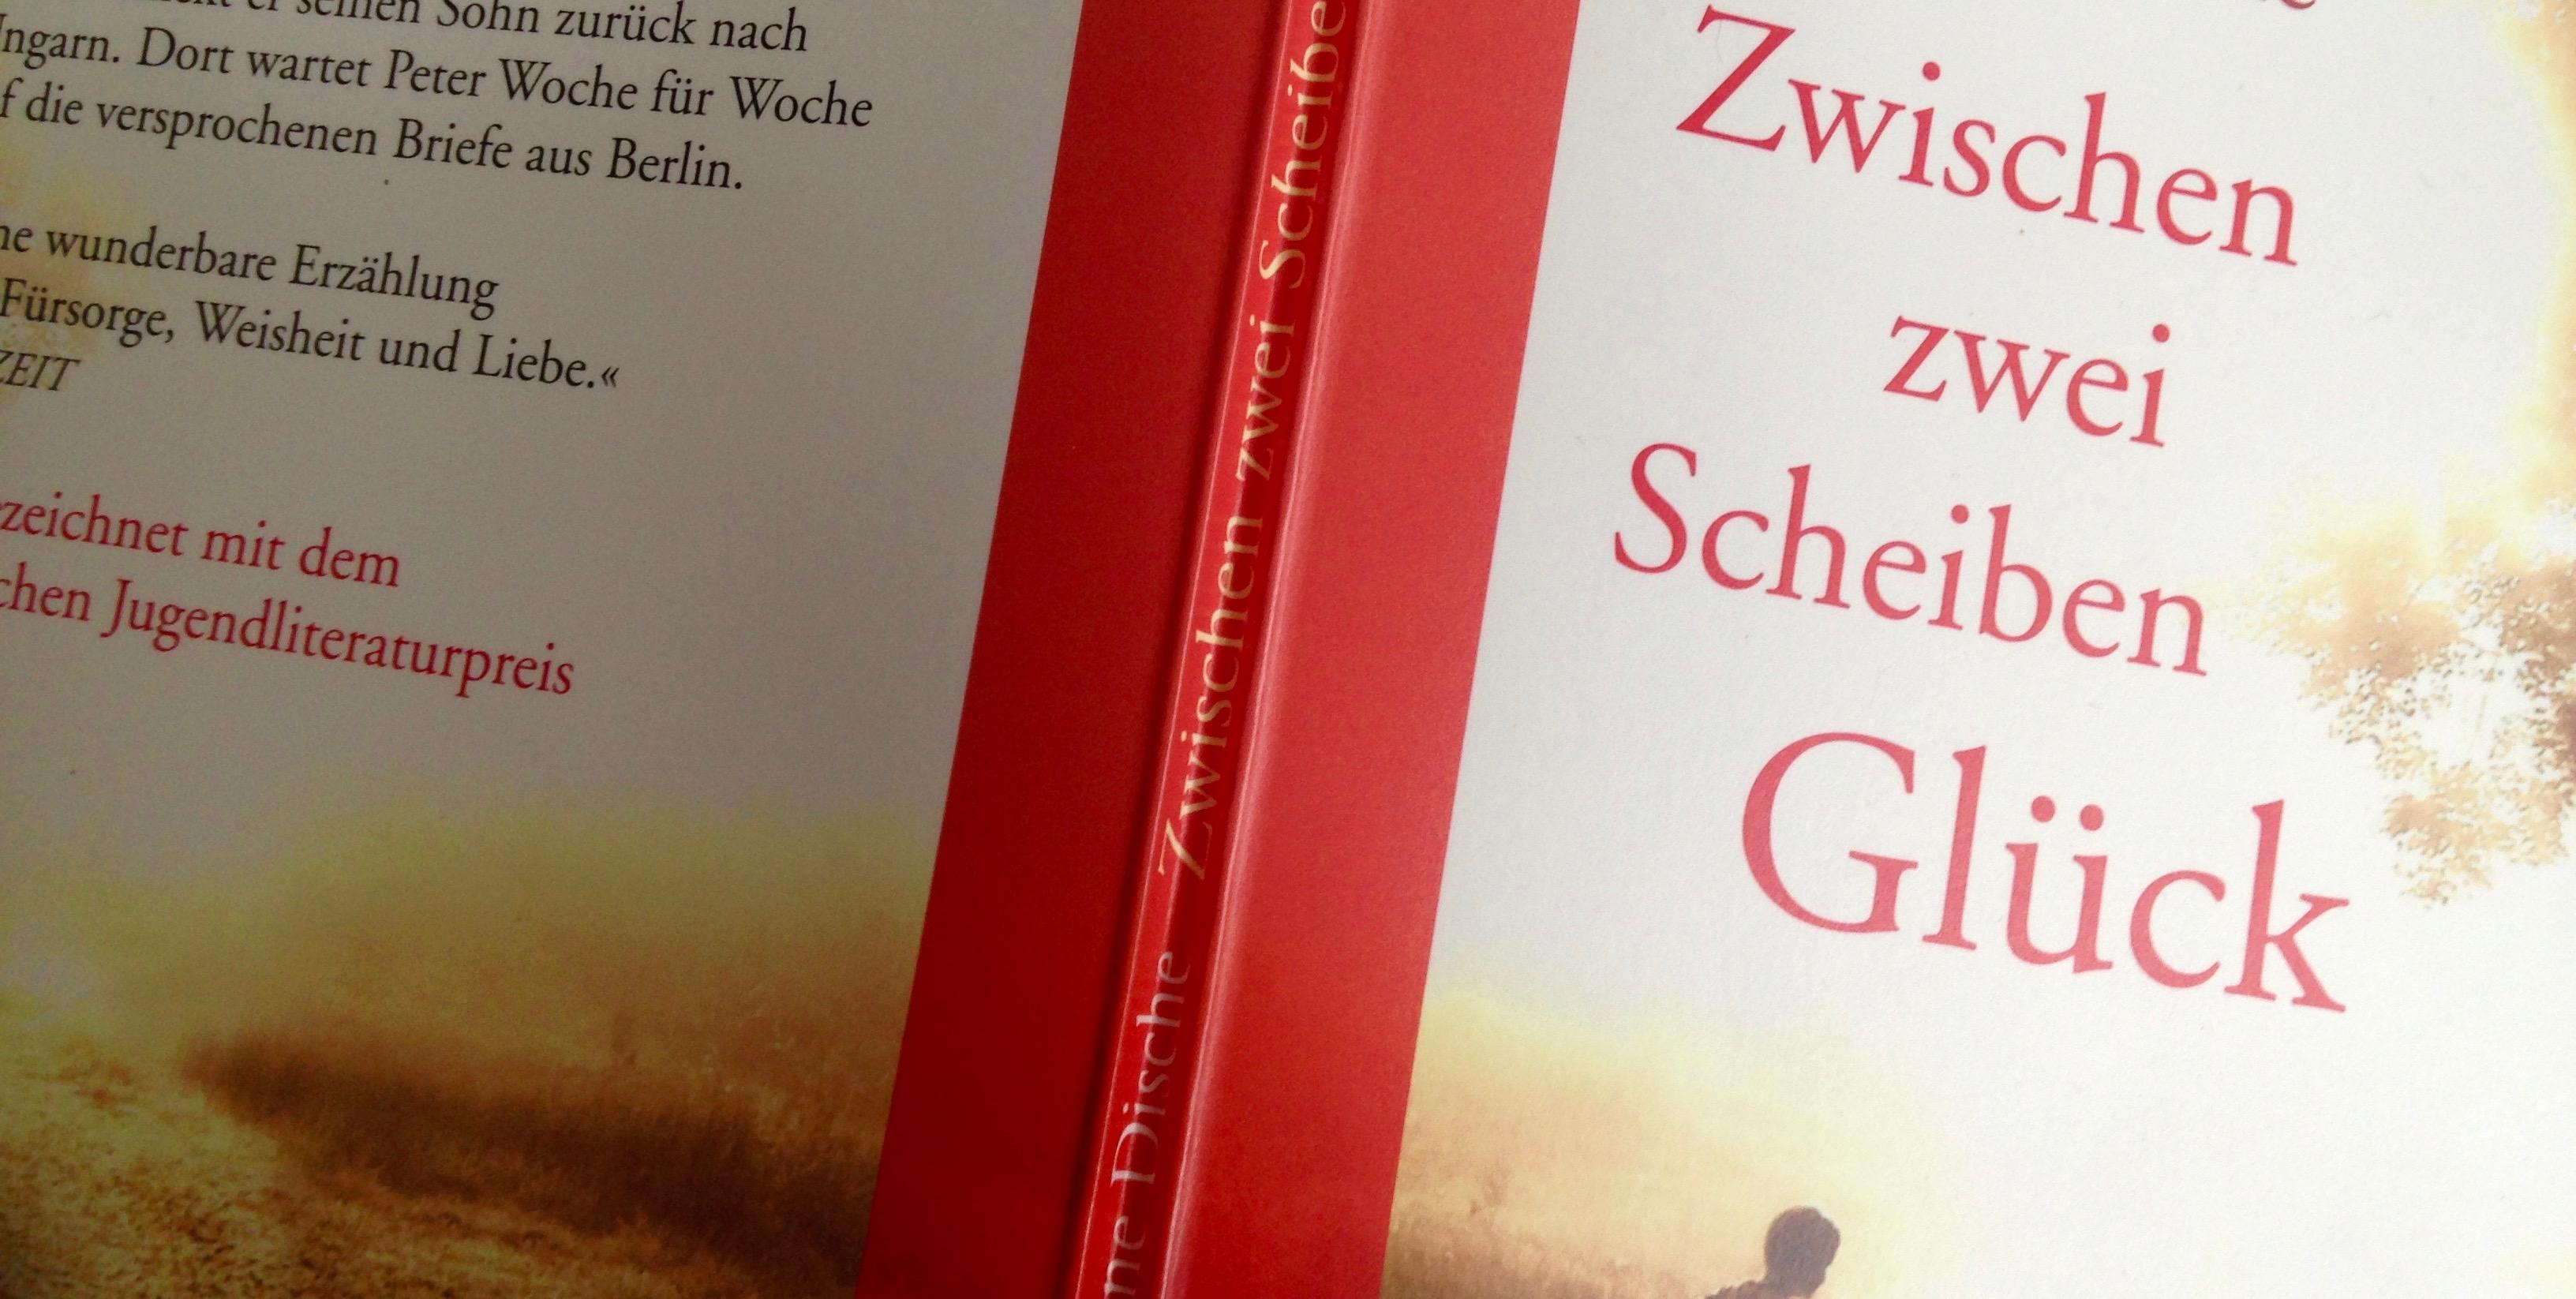 """Buchcover """"Zwischen zwei Scheiben Glück"""""""